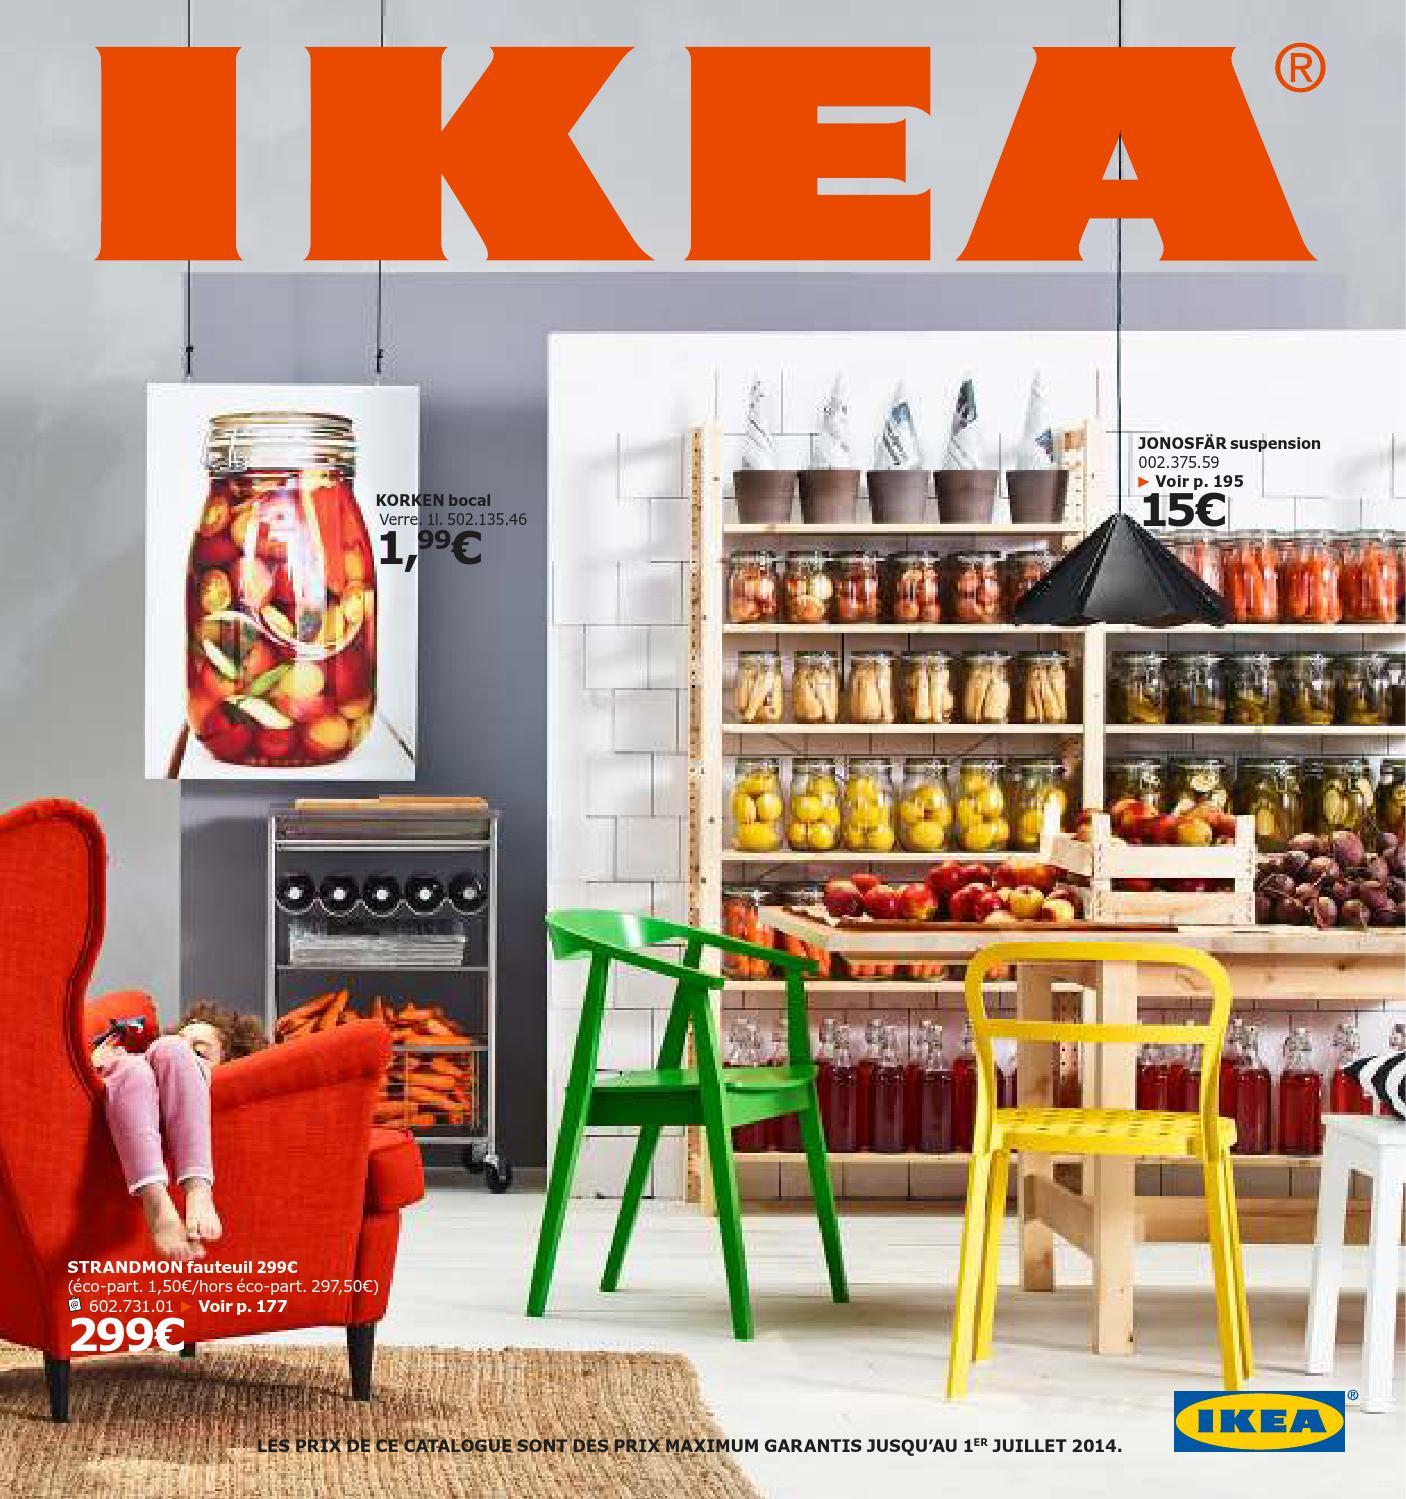 Ikea France Catalogue 2013 2014 By Promocataloguescom Issuu